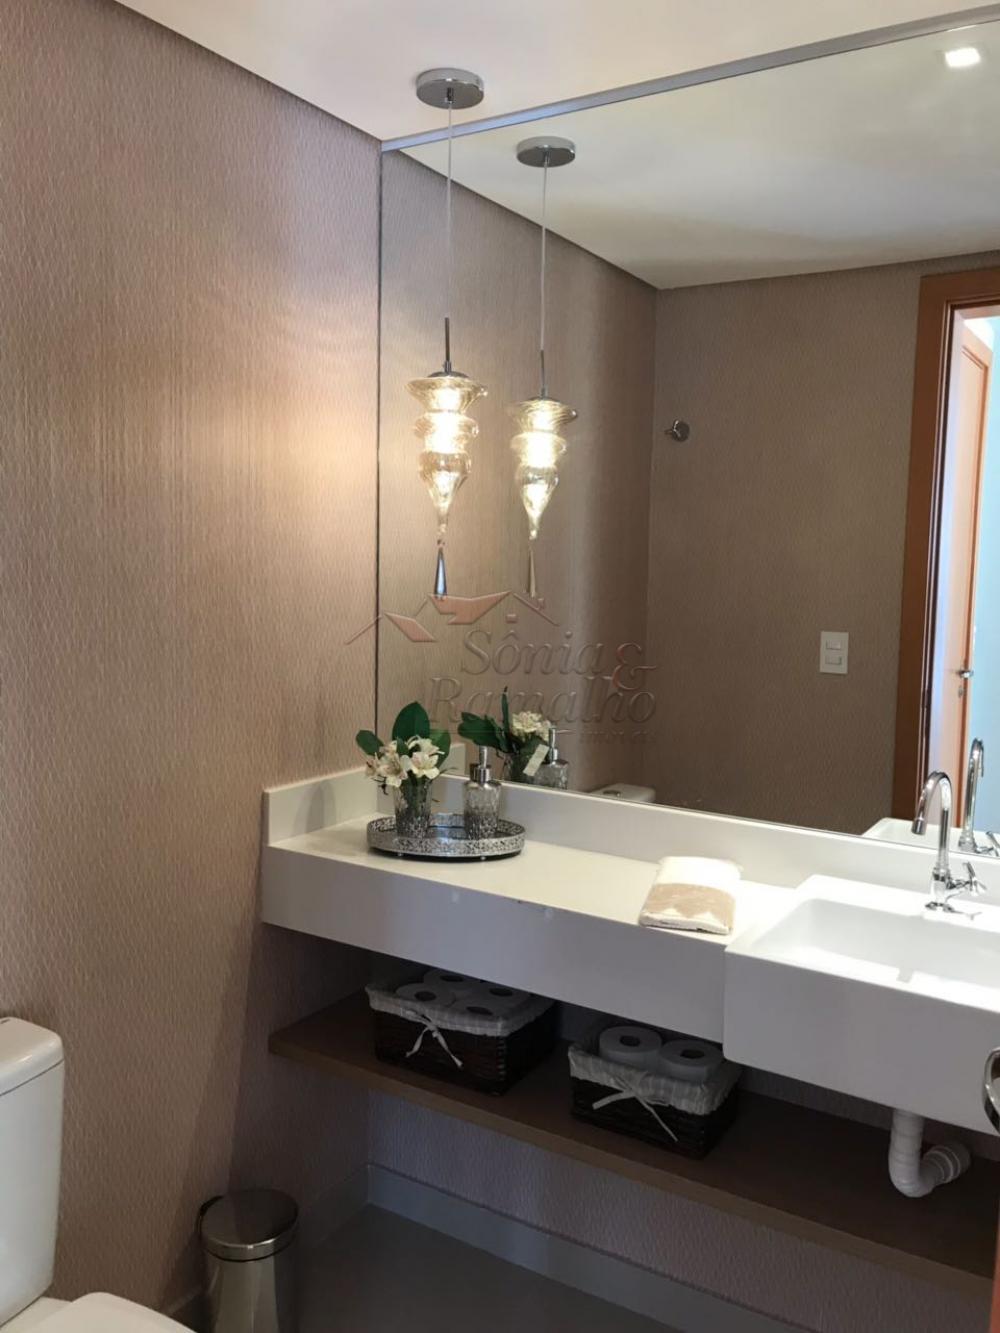 Comprar Apartamentos / Padrão em Ribeirão Preto apenas R$ 650.000,00 - Foto 19